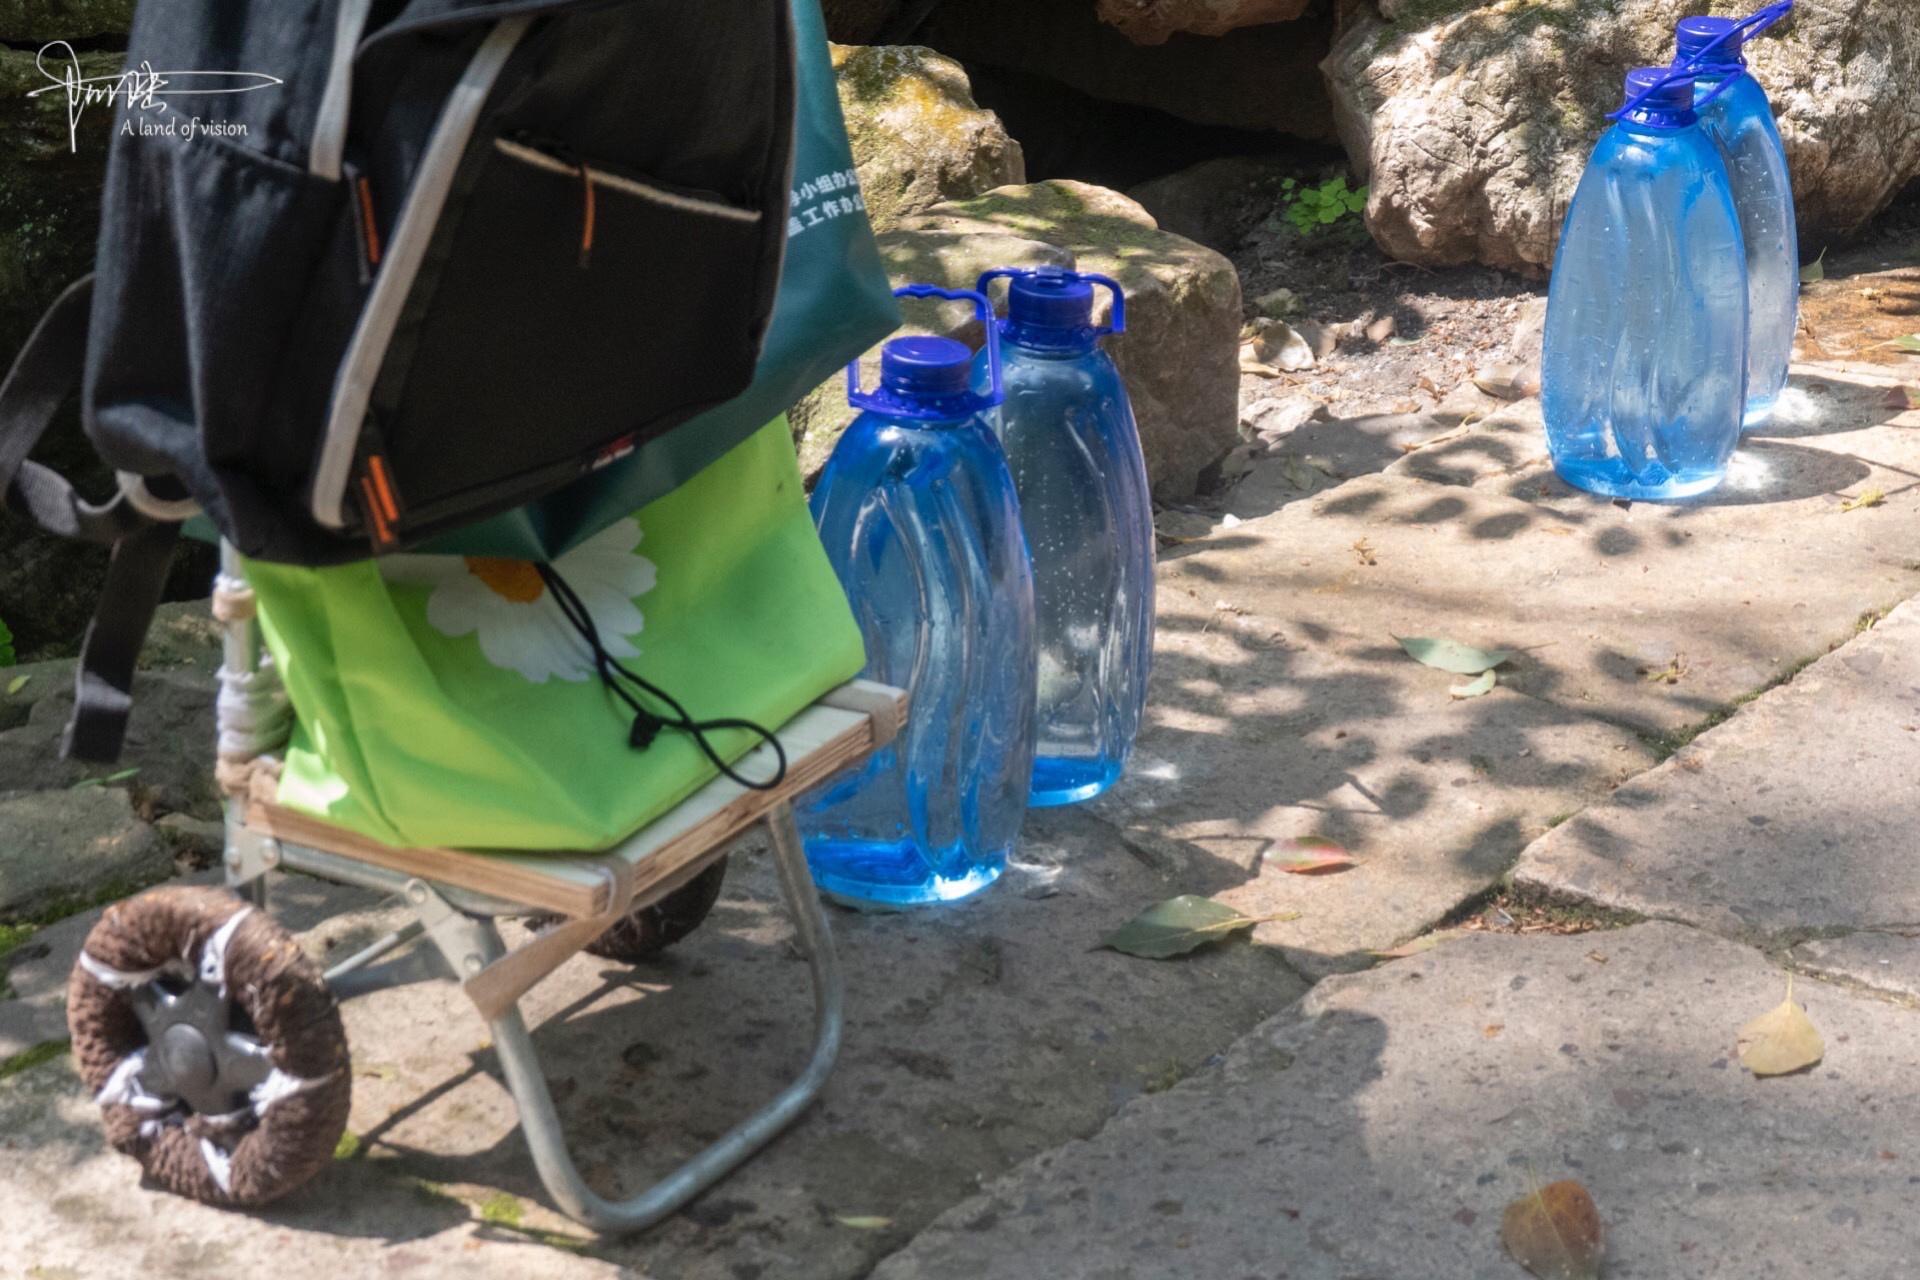 虎跑泉水在杭州算是最好的了,每天来这里打水的人络绎不绝